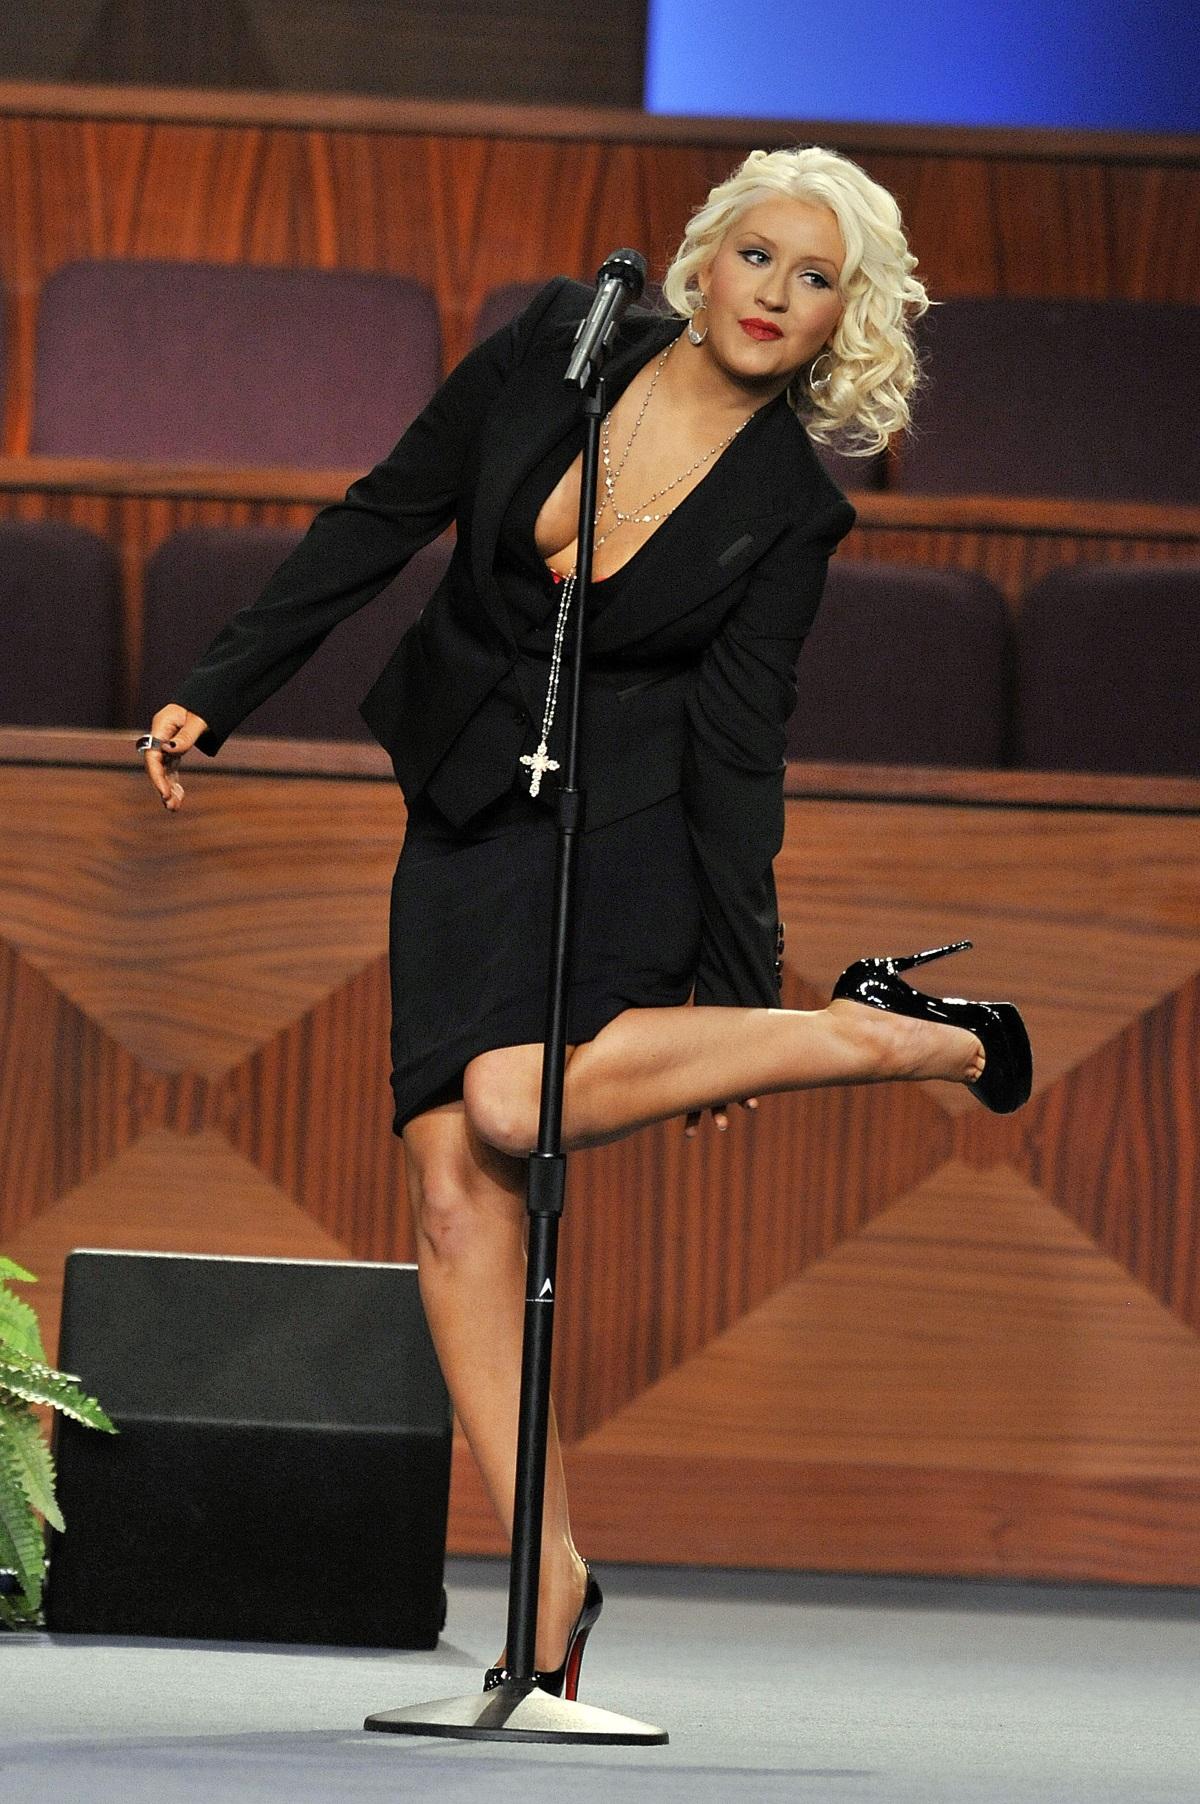 Изкуственият тен на Кристина Агилера се разтече по време на нейно изпълнение през 2012 г. на погребението на певицатаЕта Джеймс.